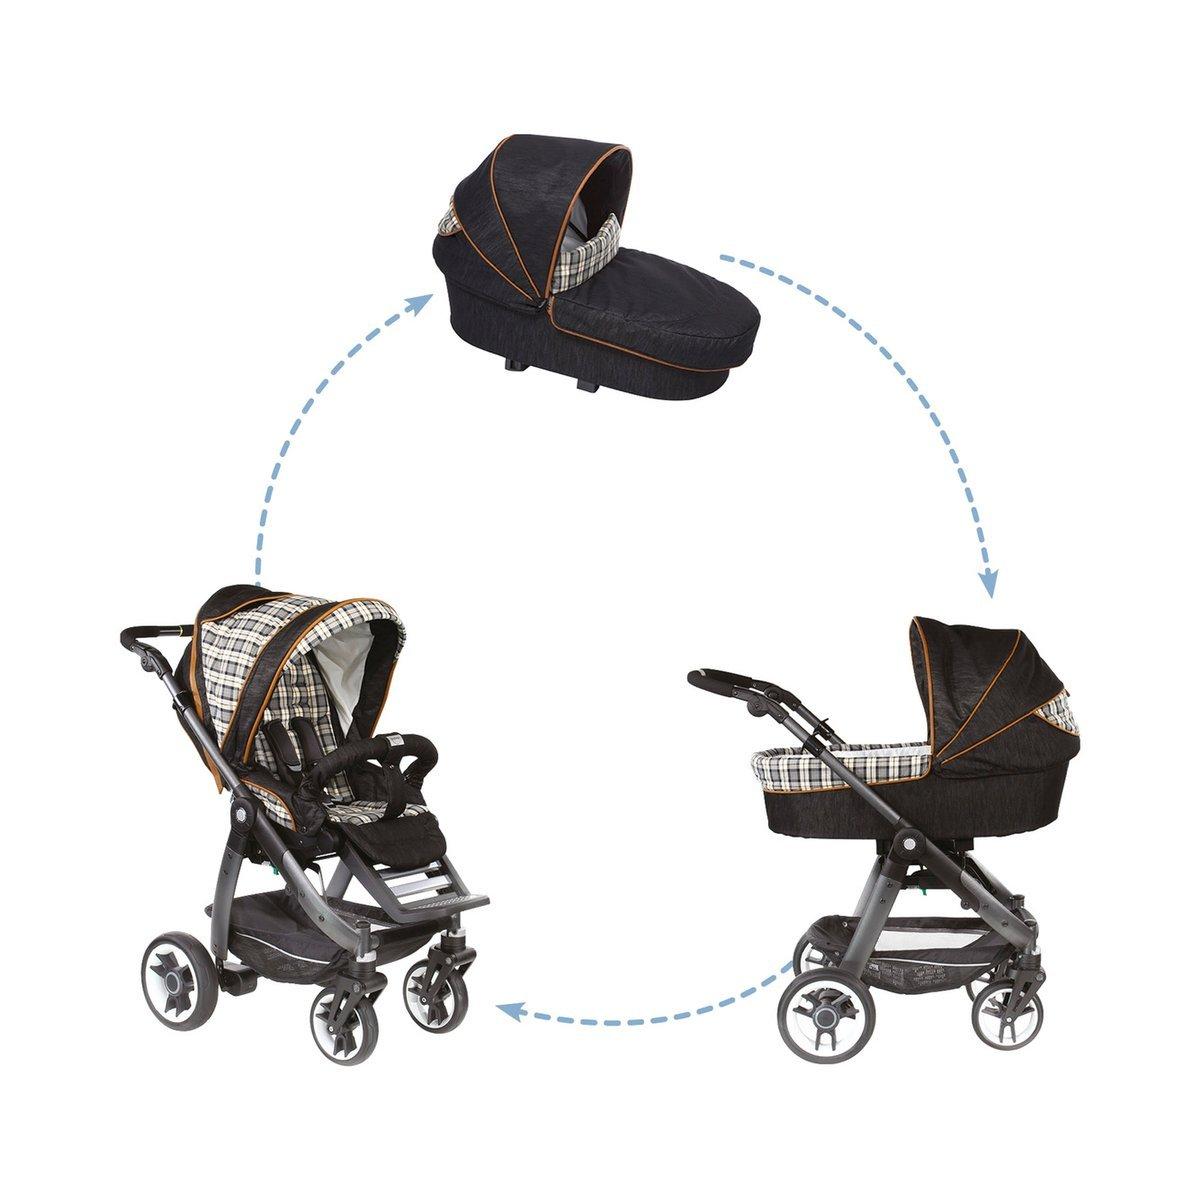 Teutonia Juego Co gr 3 CPtT 5210 Cosmo Graphite rad3 Comfort Plus bolsa, Wild West: Amazon.es: Bebé